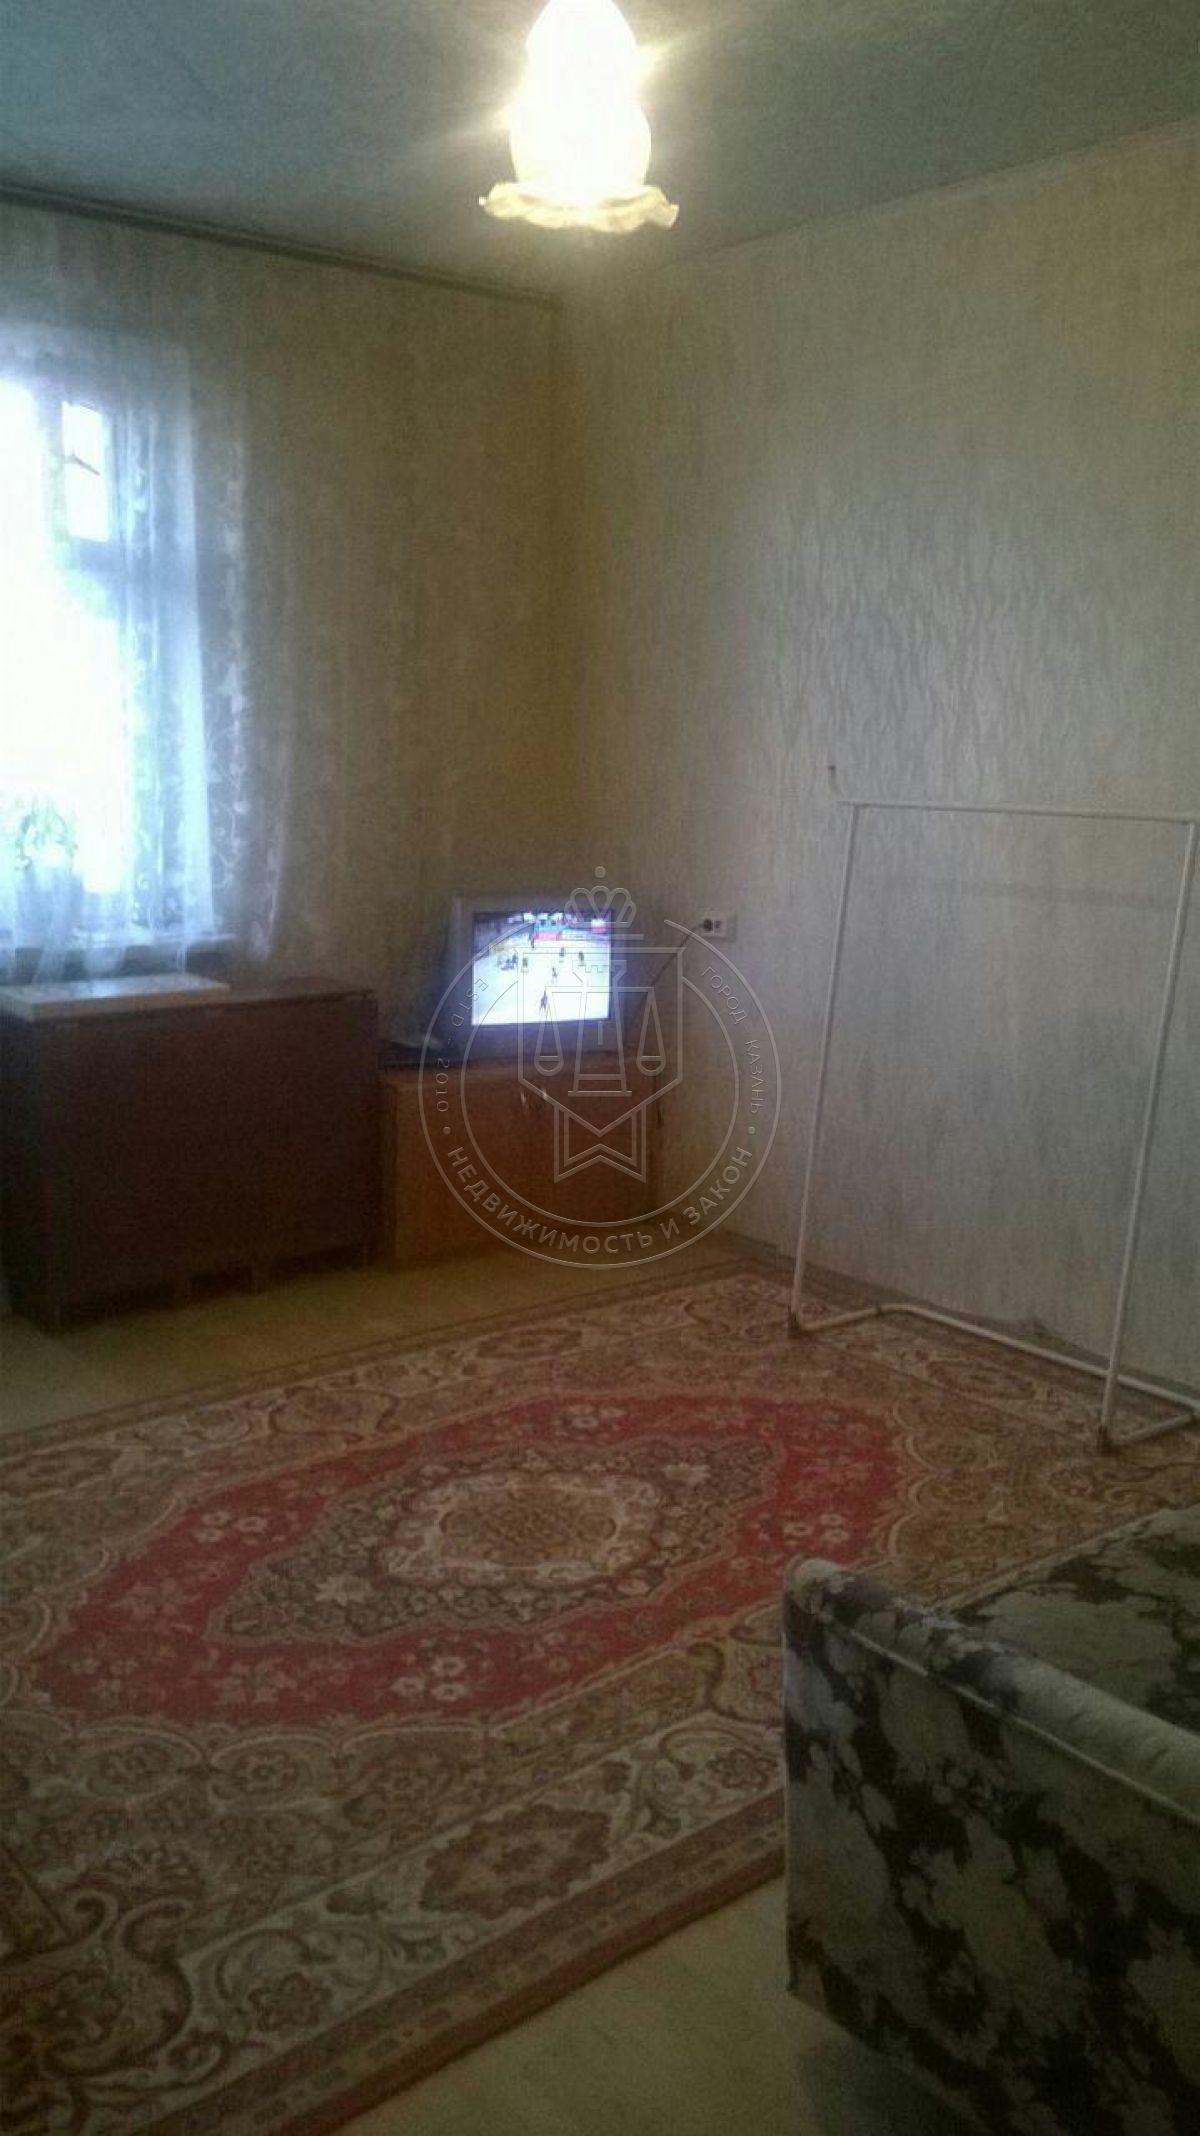 1-к квартира, 33 м², 5/9 эт., ул Четаева, 66 (миниатюра №2)